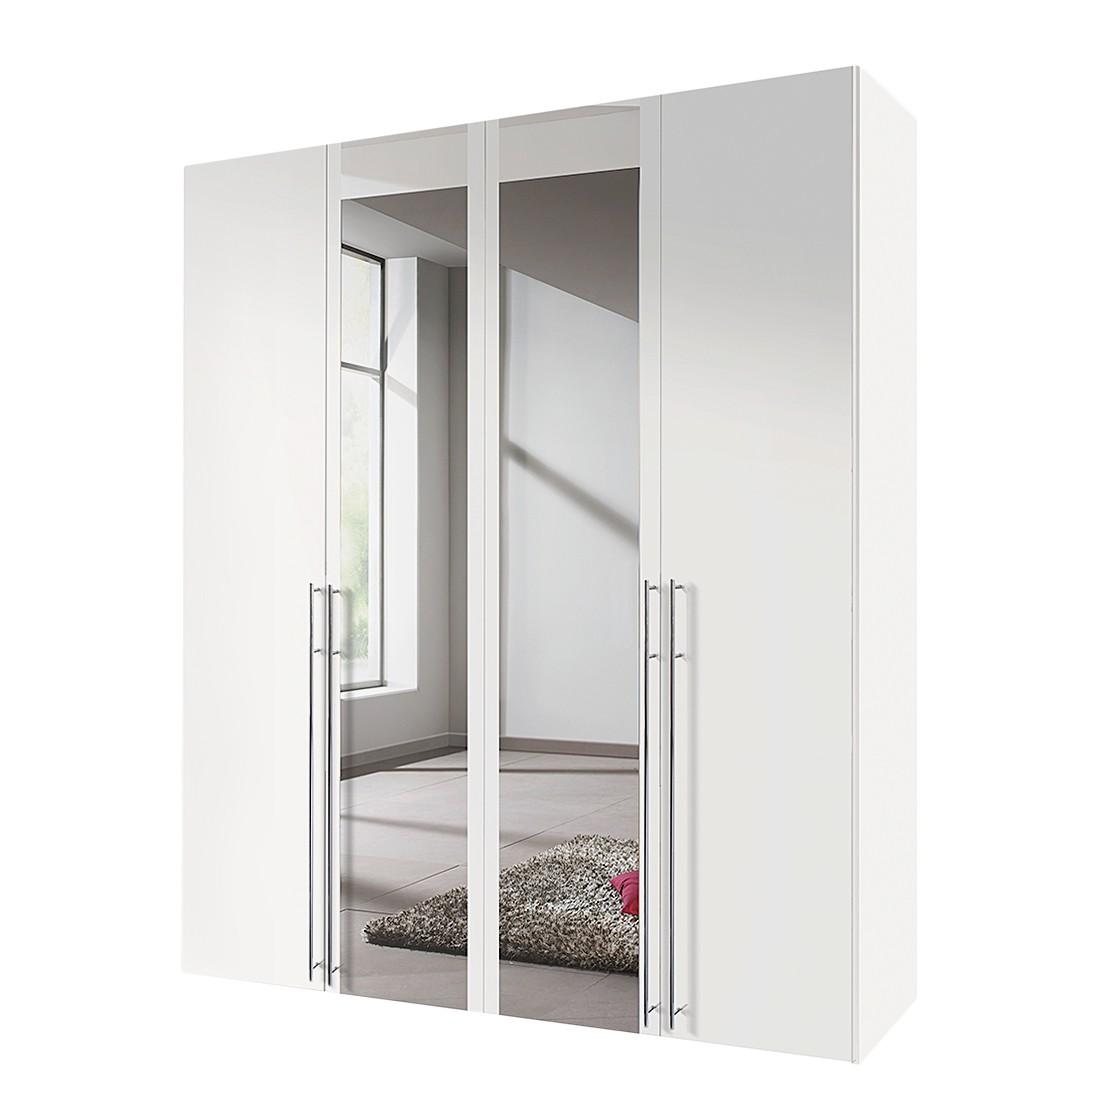 Draaideurkast Brooklyn II - wit/spiegel - 200cm (4-deurs) - 216cm, Express Möbel